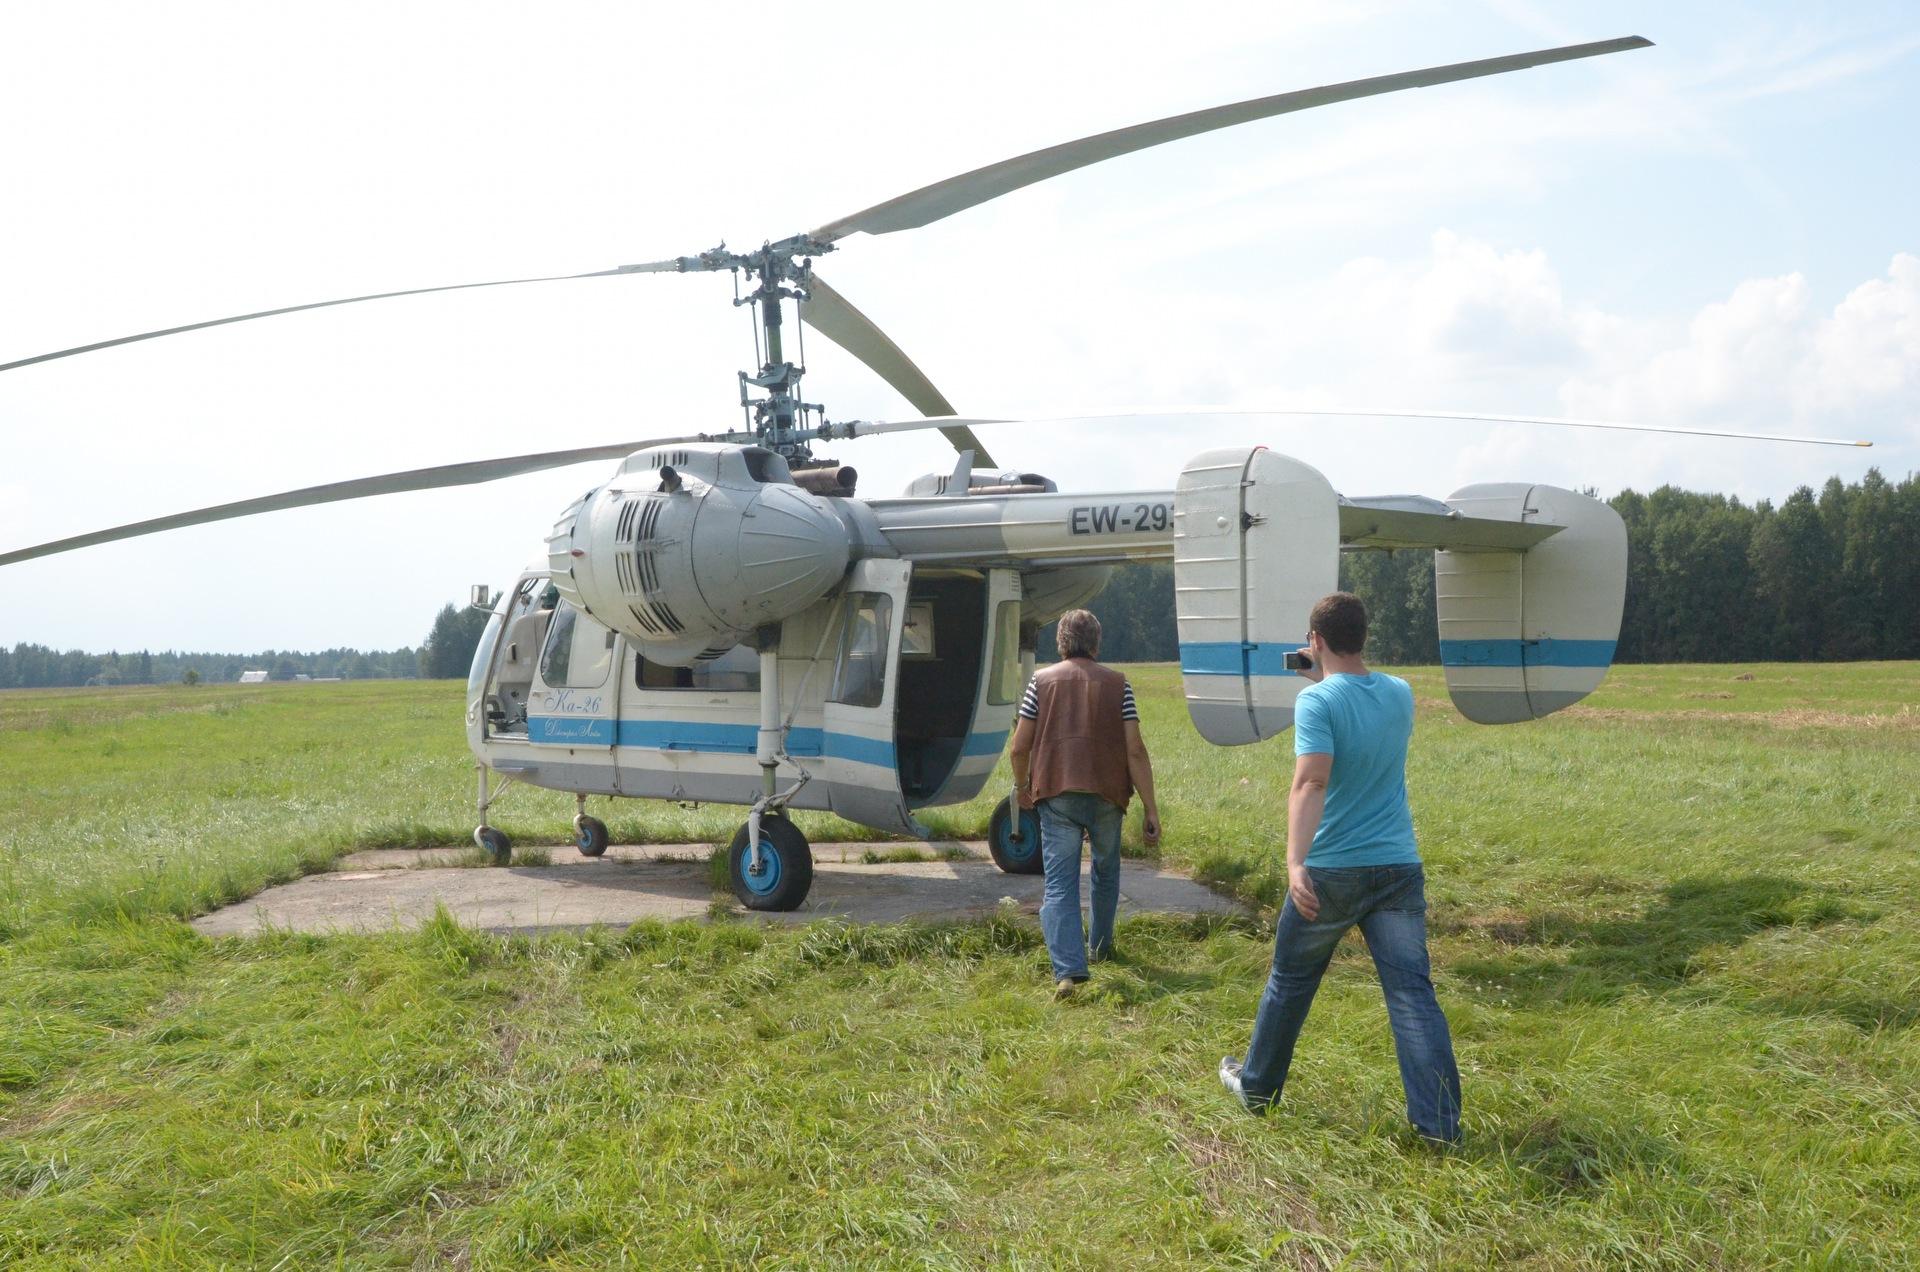 На полета стоимость вертолете час омск скупка часов ссср